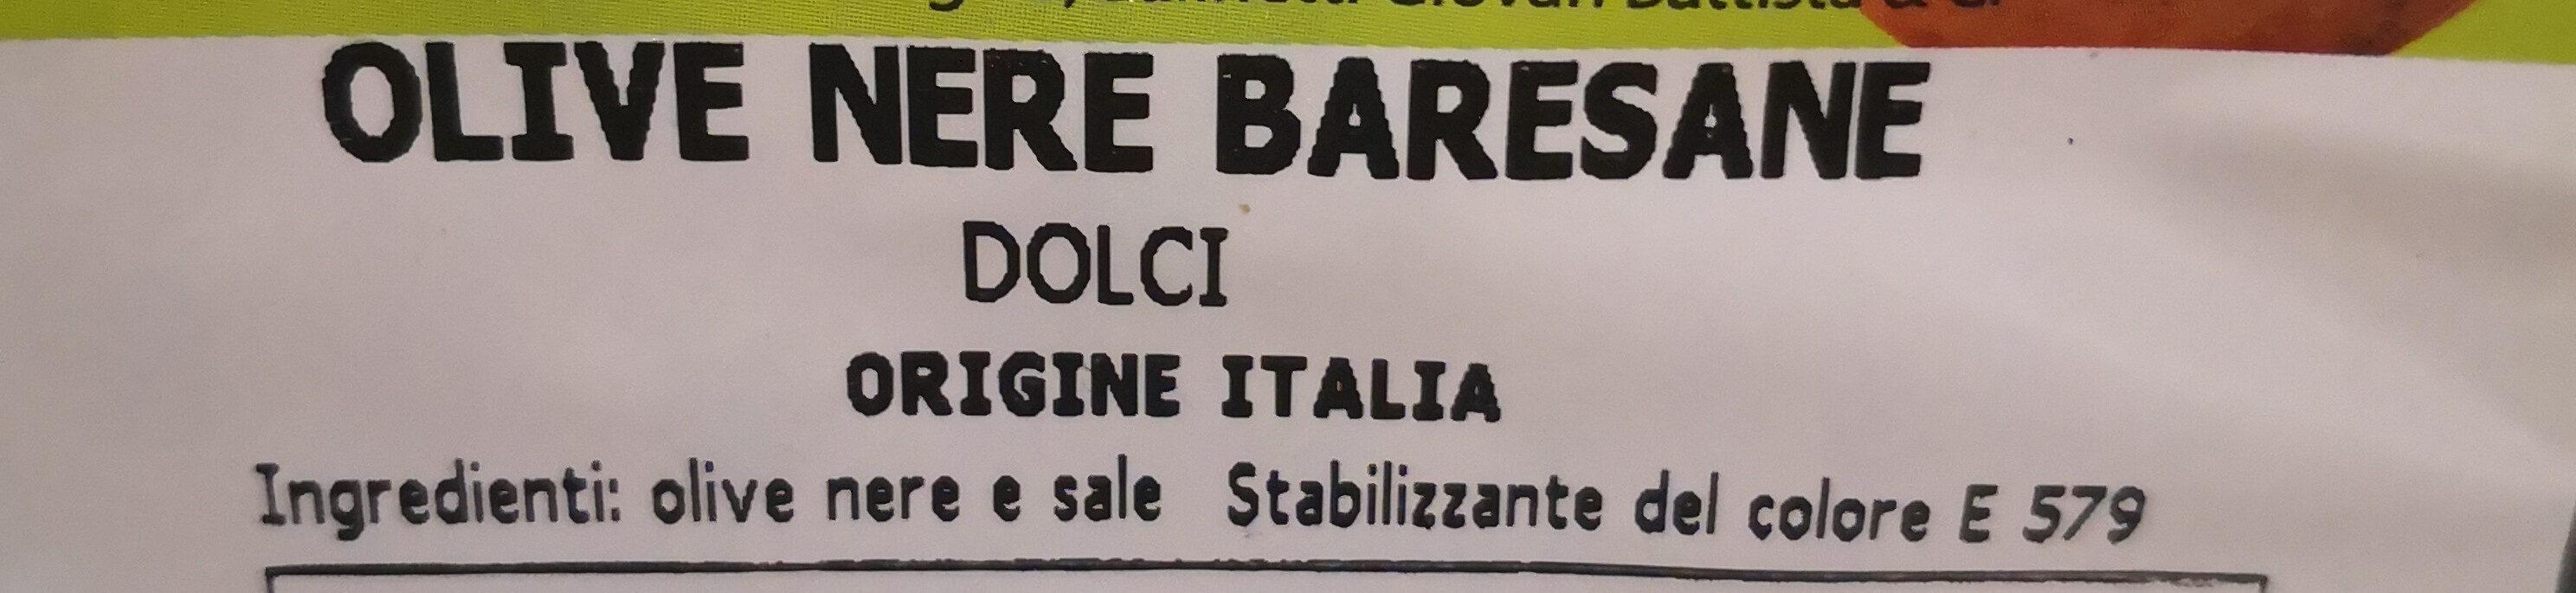 Olive nere baresane - Ingredients